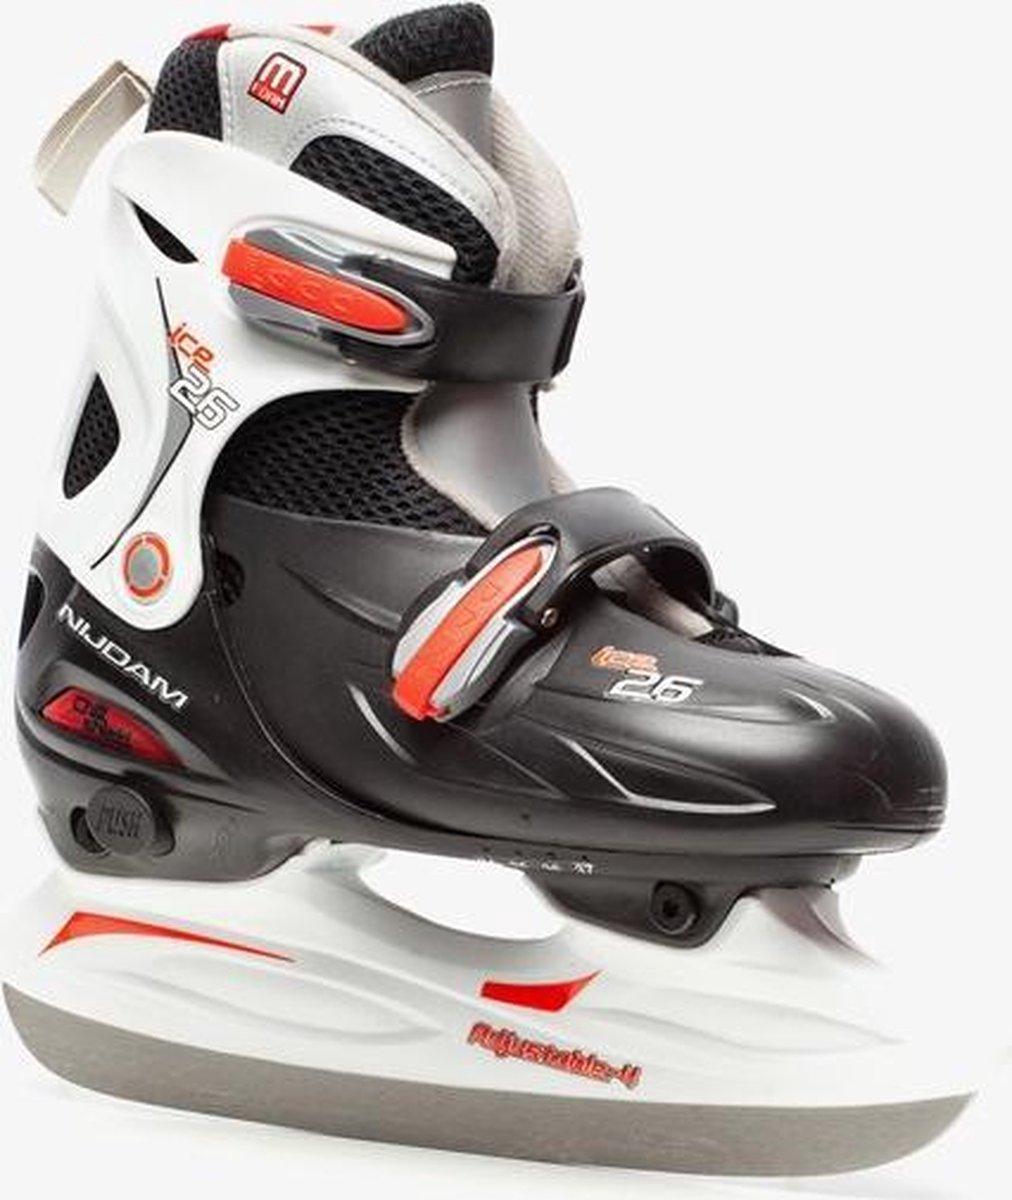 Nijdam verstelbare ijshockeyschaatsen - Zwart - Maat 38/41